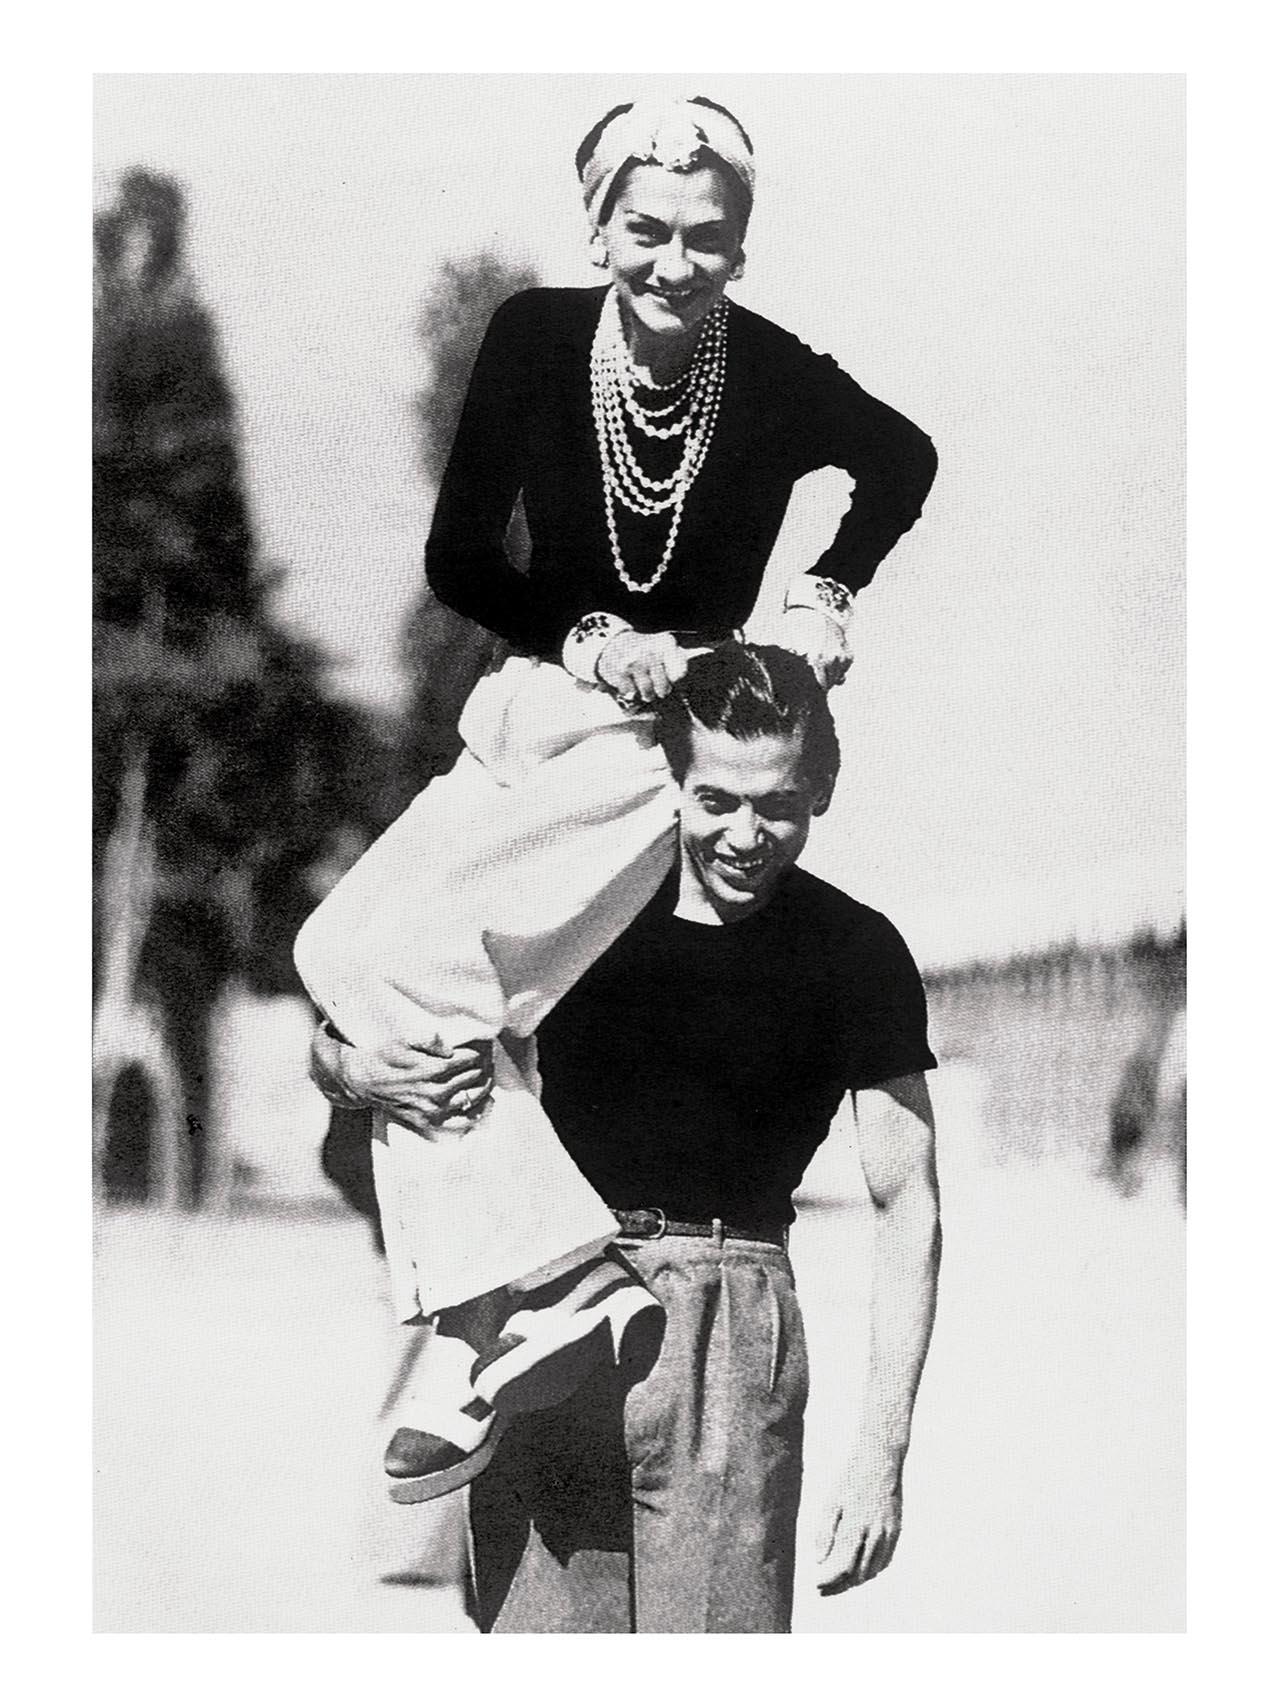 知人であったダンサーのセルジュリファールとの1937年の一枚。彼の足元は、20年後に Chanel がデザインするバイカラーシューズのインスピレーションとなった。 | ©Brigitte Moral